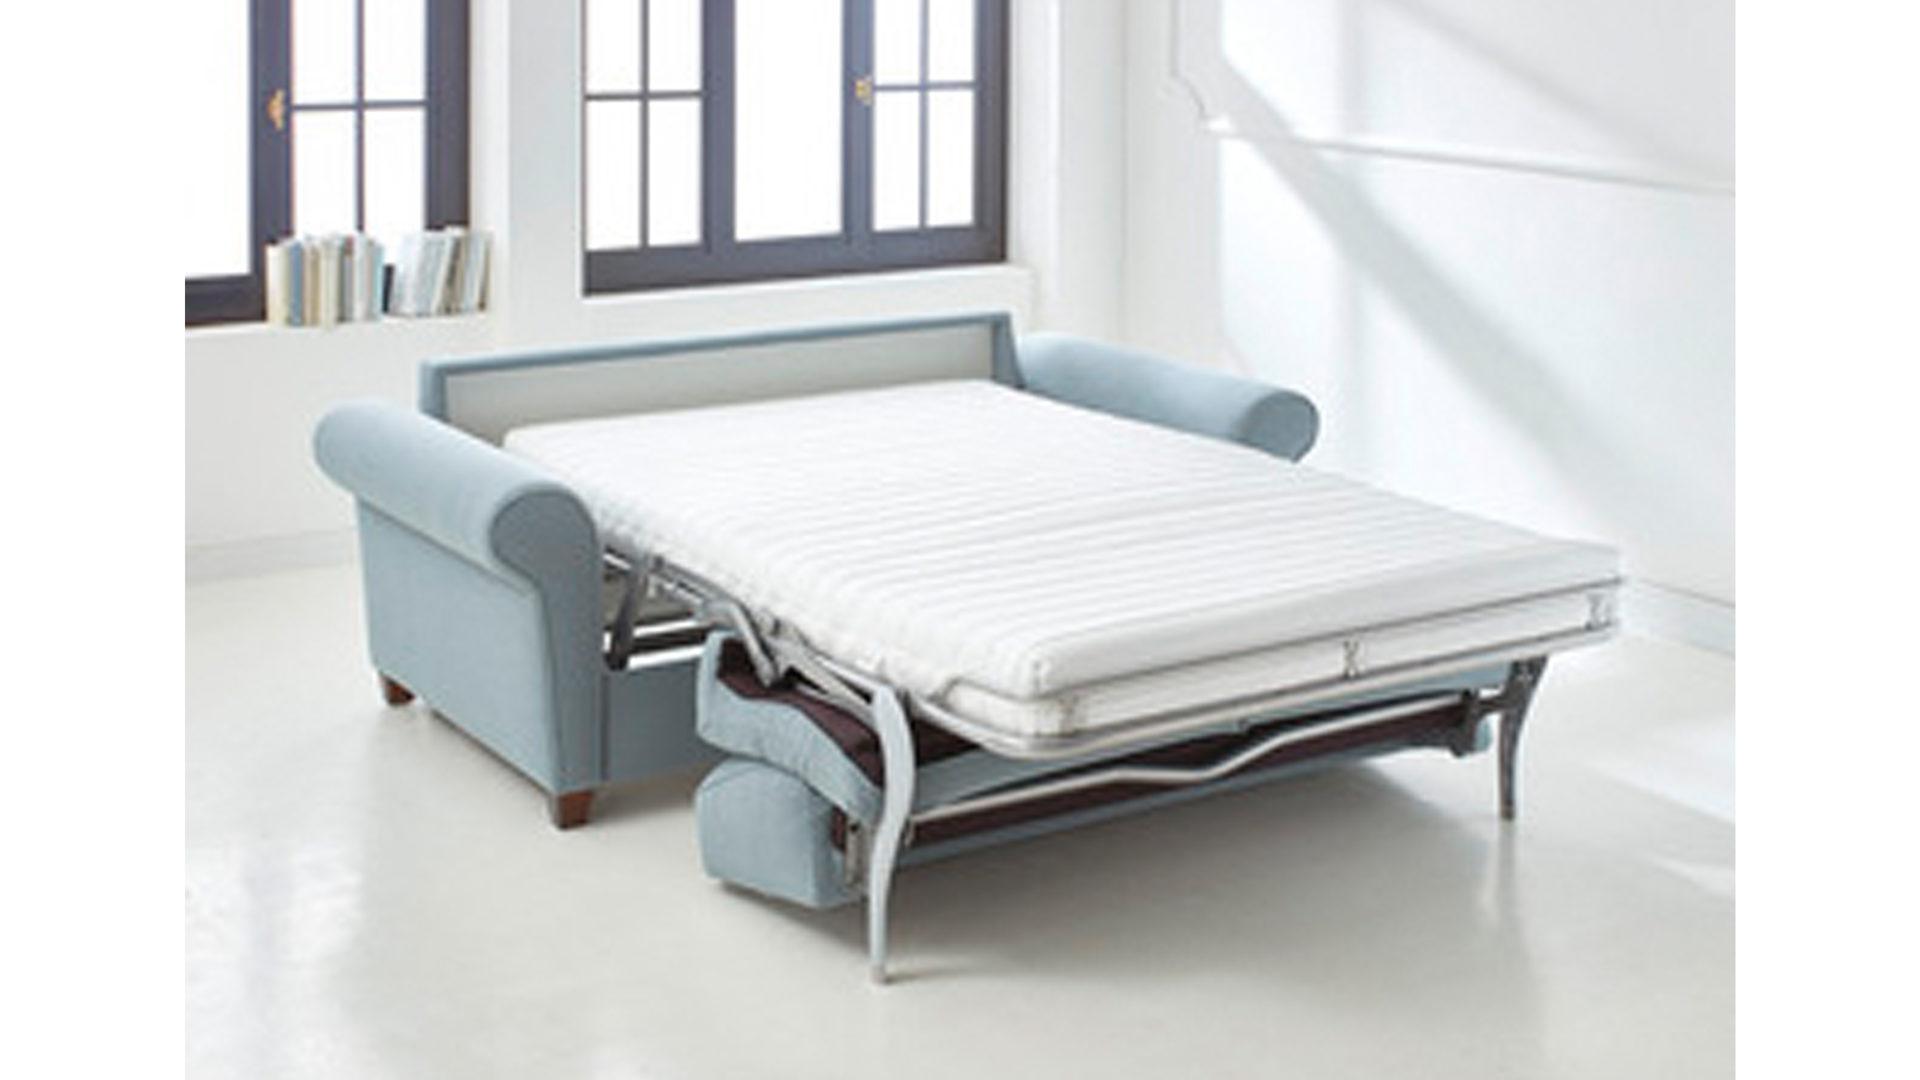 Schlafsofa Blau jobst wohnwelt traunreut möbel a z couches sofas schlafsofas